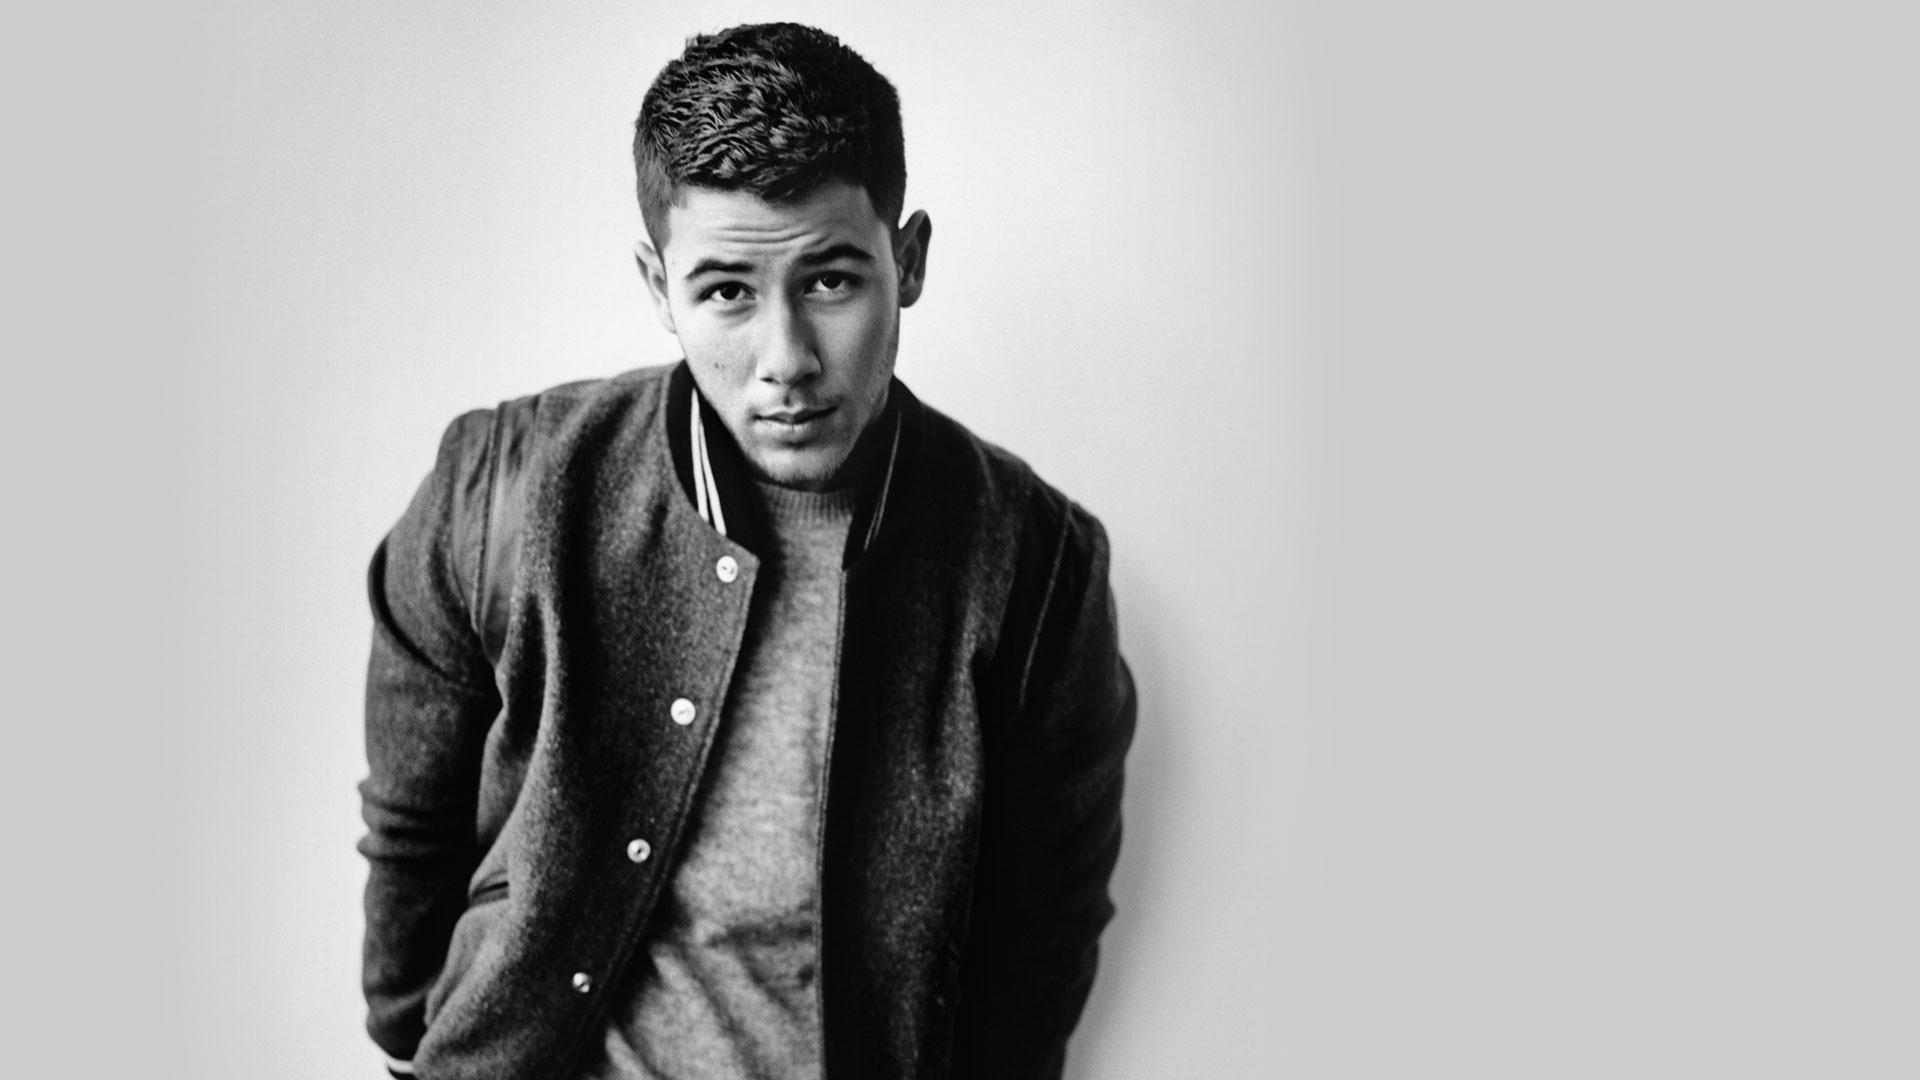 Nick Jonas Photos